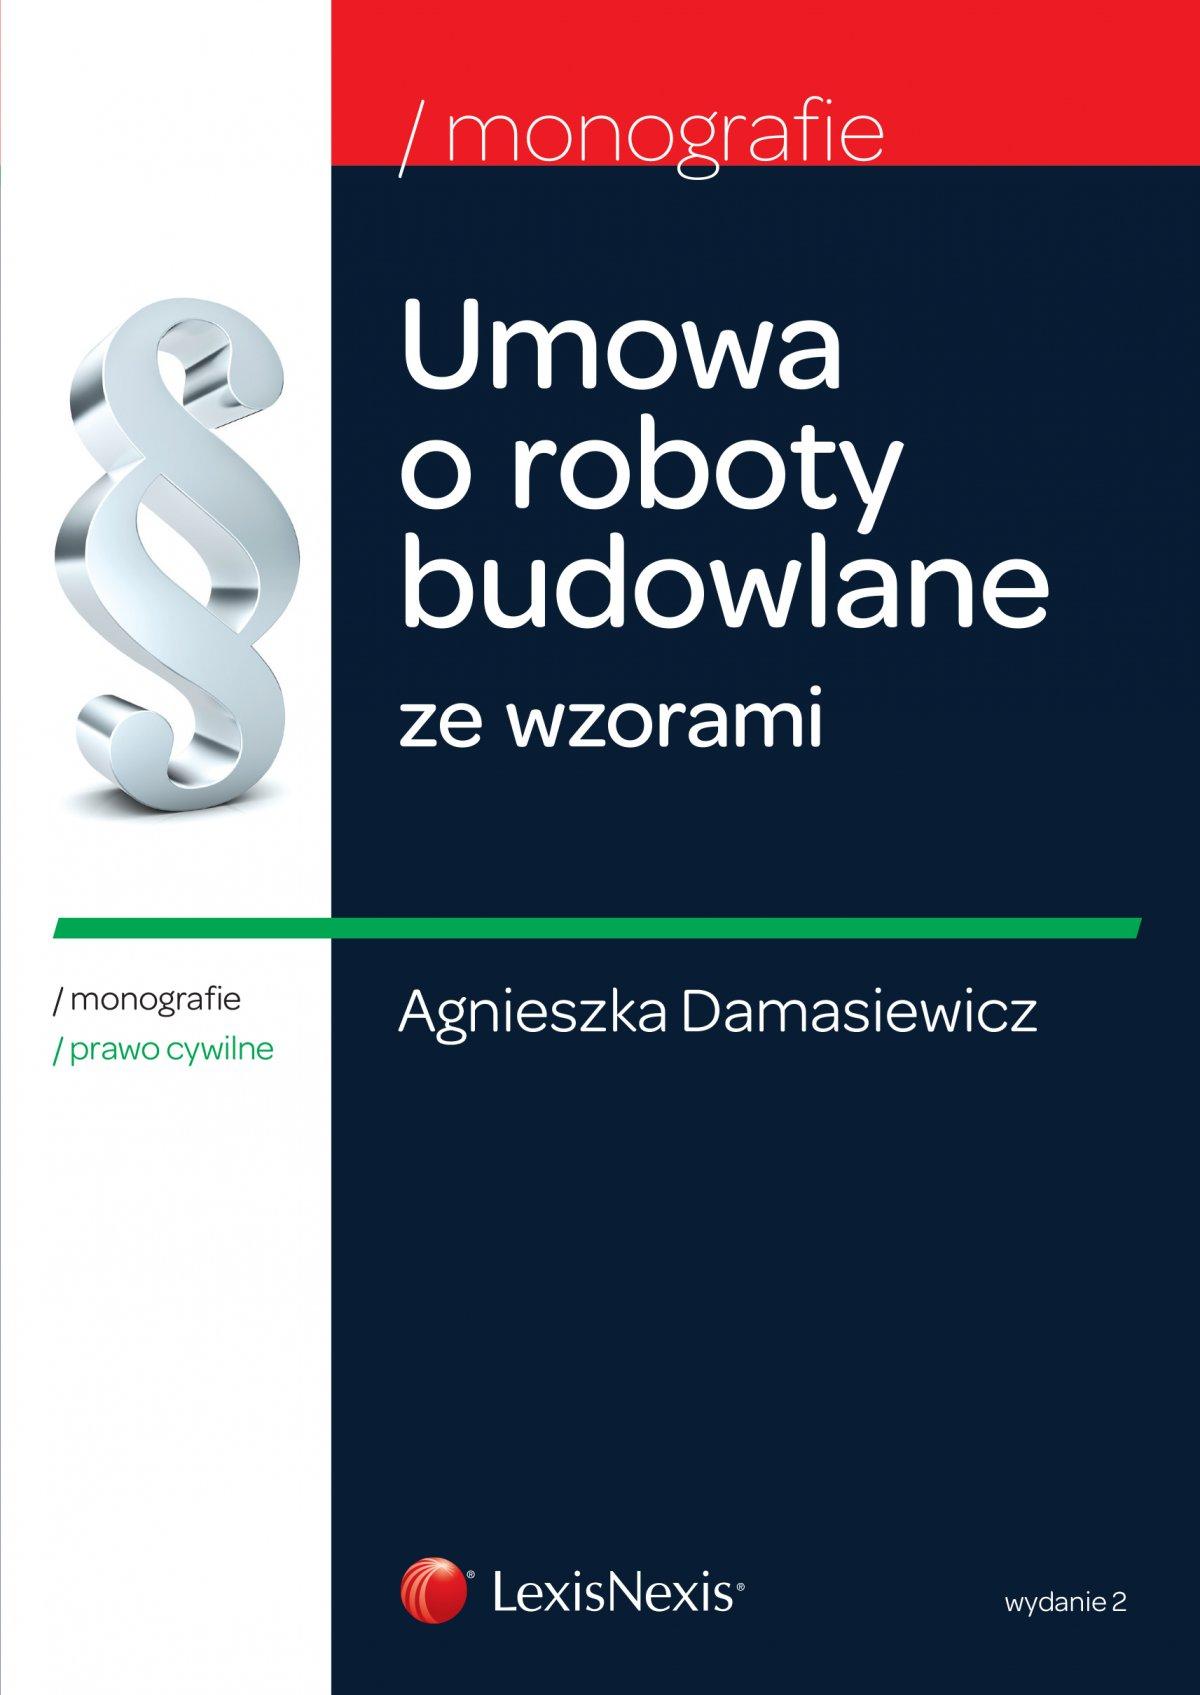 Umowa o roboty budowlane ze wzorami. Wydanie 2 - Ebook (Książka EPUB) do pobrania w formacie EPUB